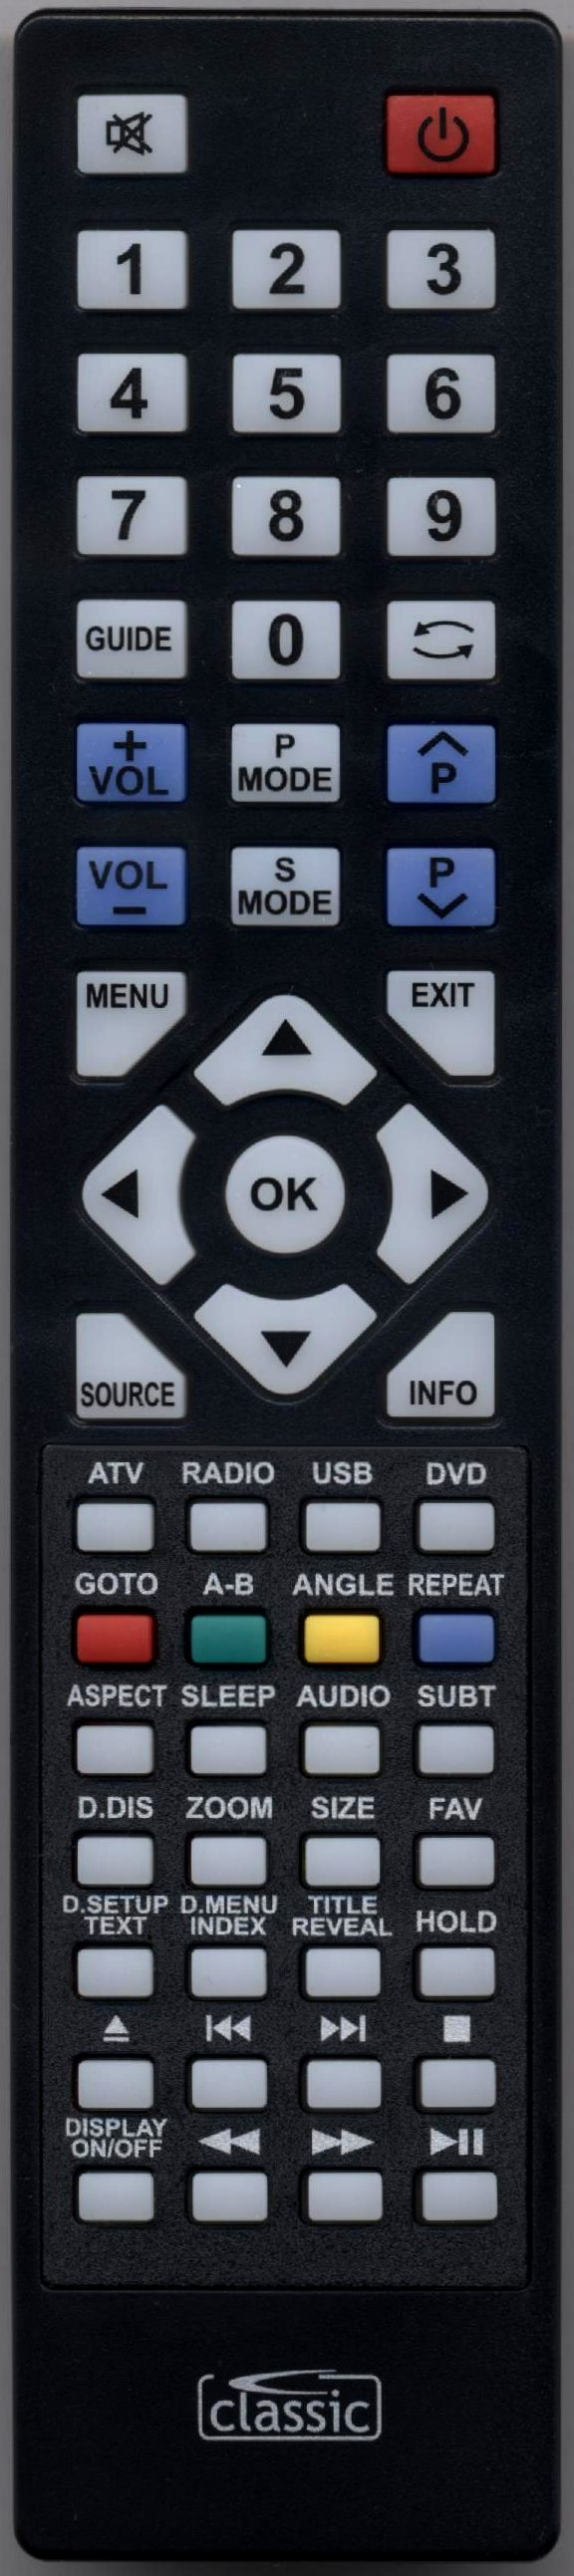 BLAUPUNKT B185A54TD Remote Control